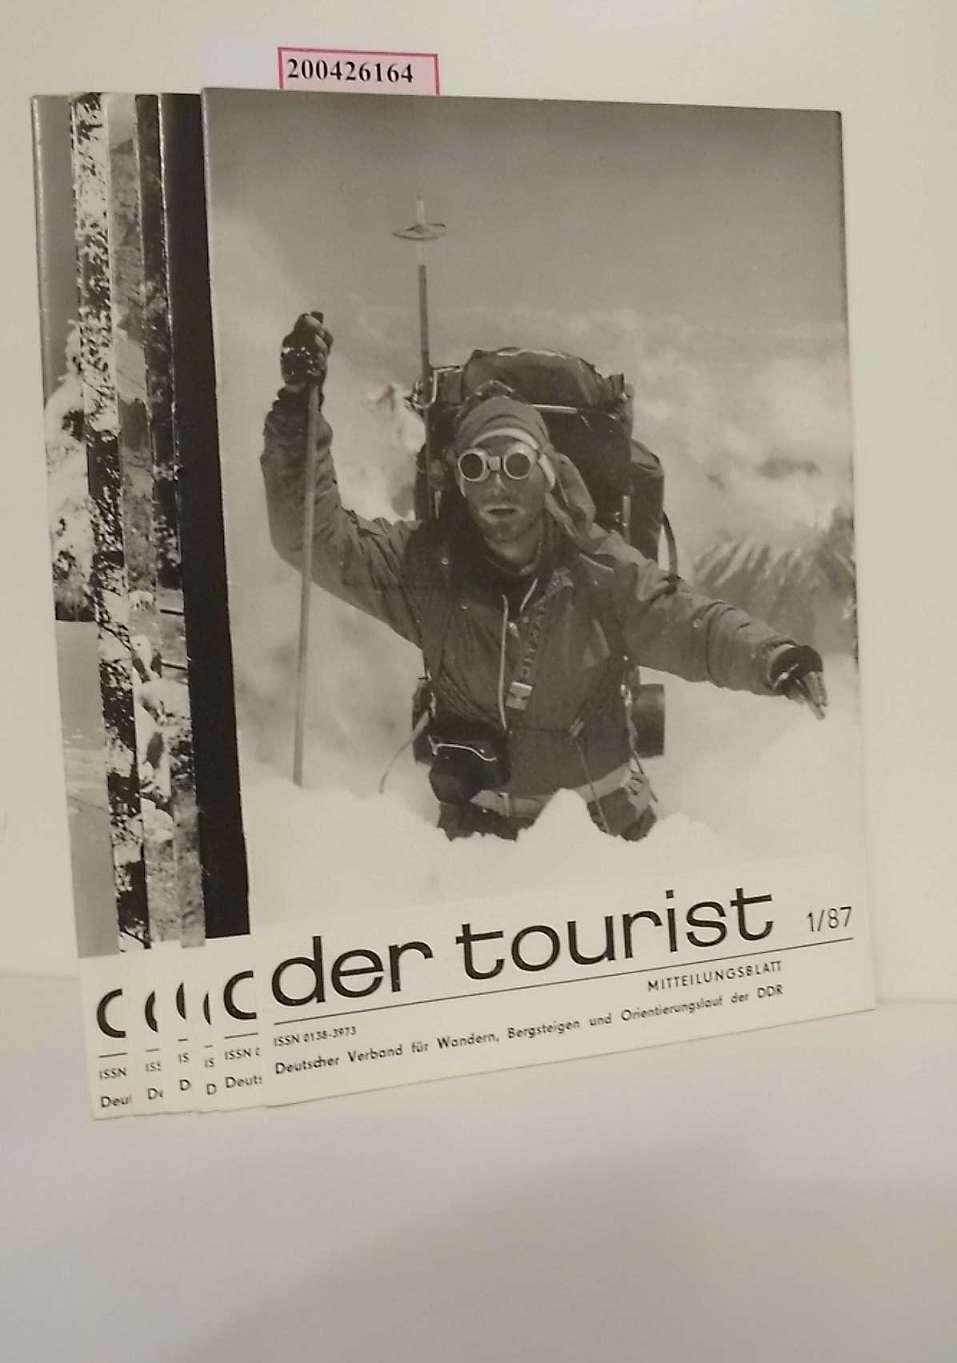 der tourist Nr. 1/87, 6/87, 7/87, 8/87, 10/87, 11 u. 12/87. Mitteilungsblatt